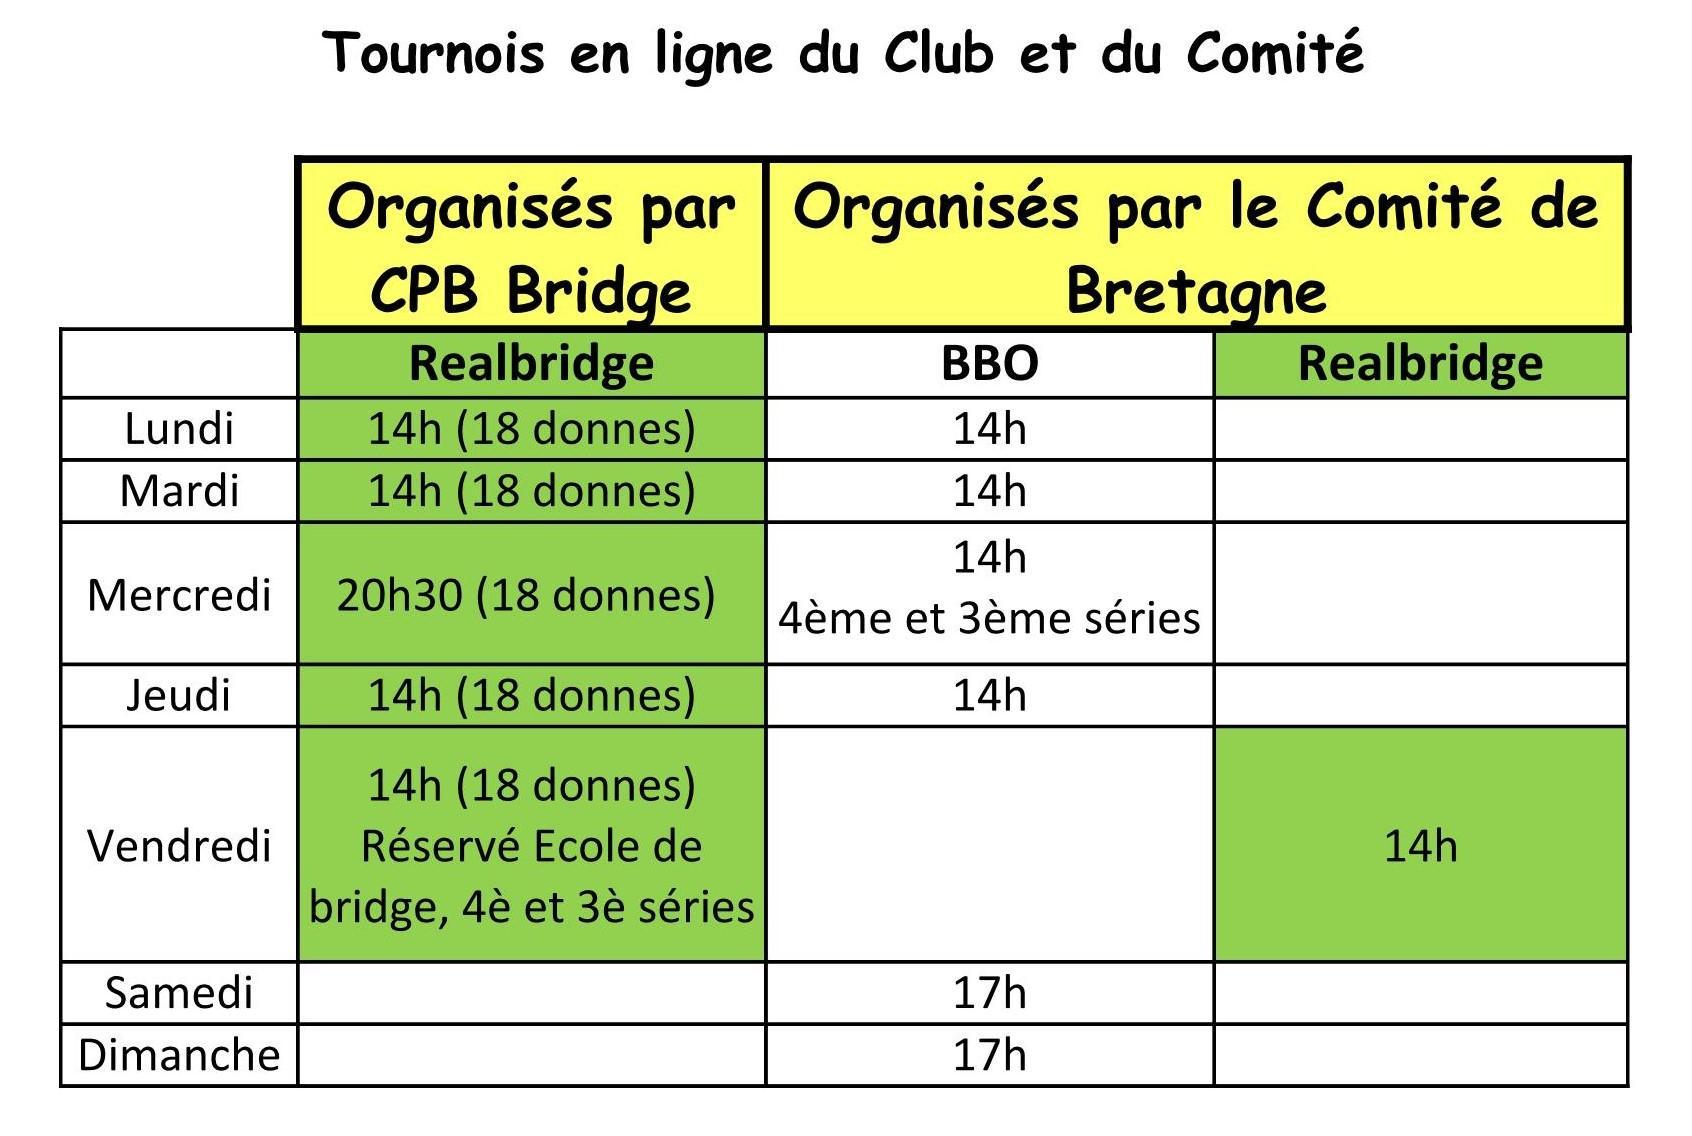 Tableau des tournois club et comite 2021